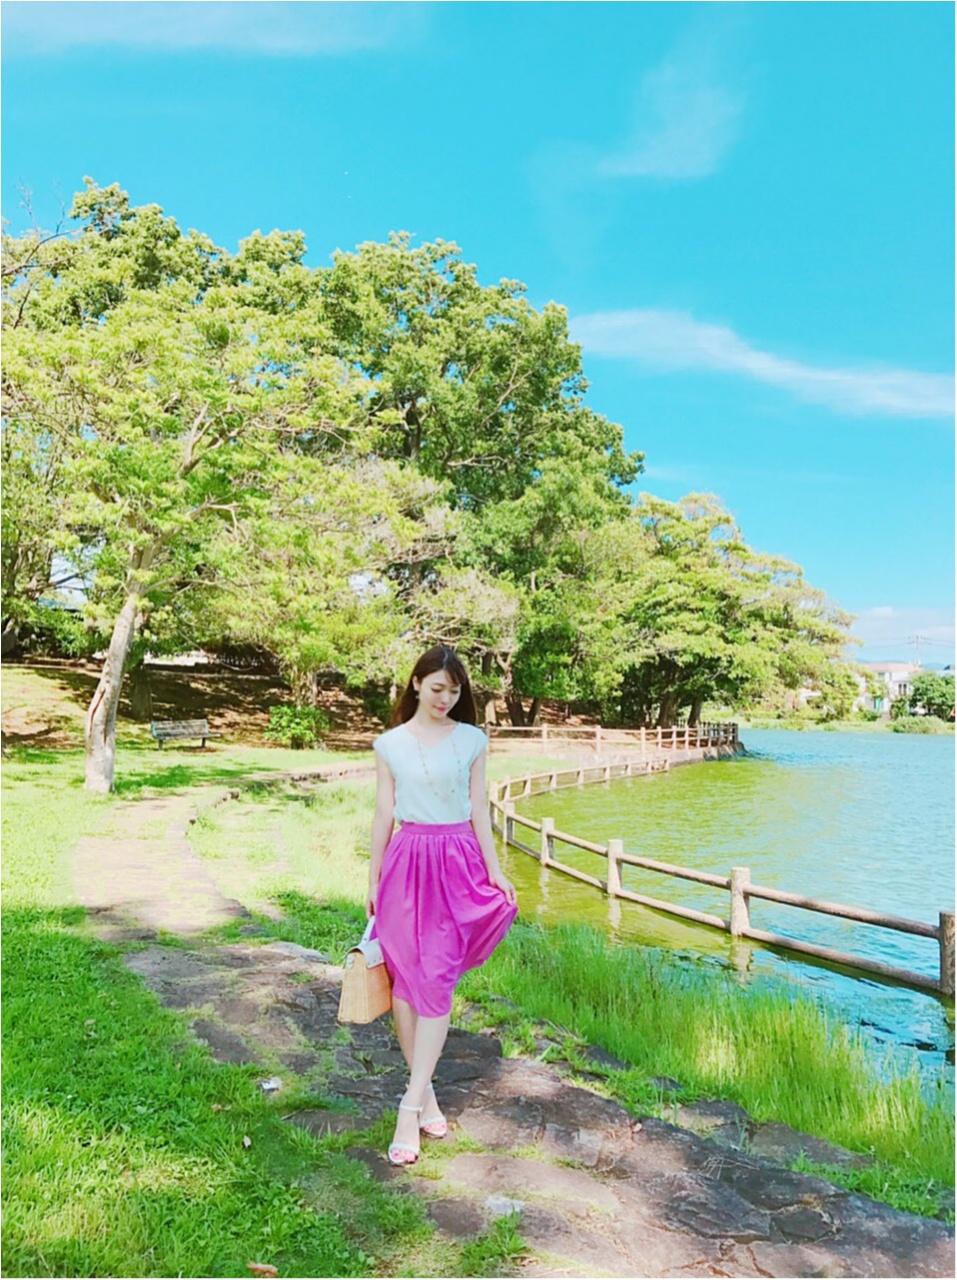 今流行りのカラースカート♡大人可愛く着るコツとは?٩(๑❛ᴗ❛๑)۶_4